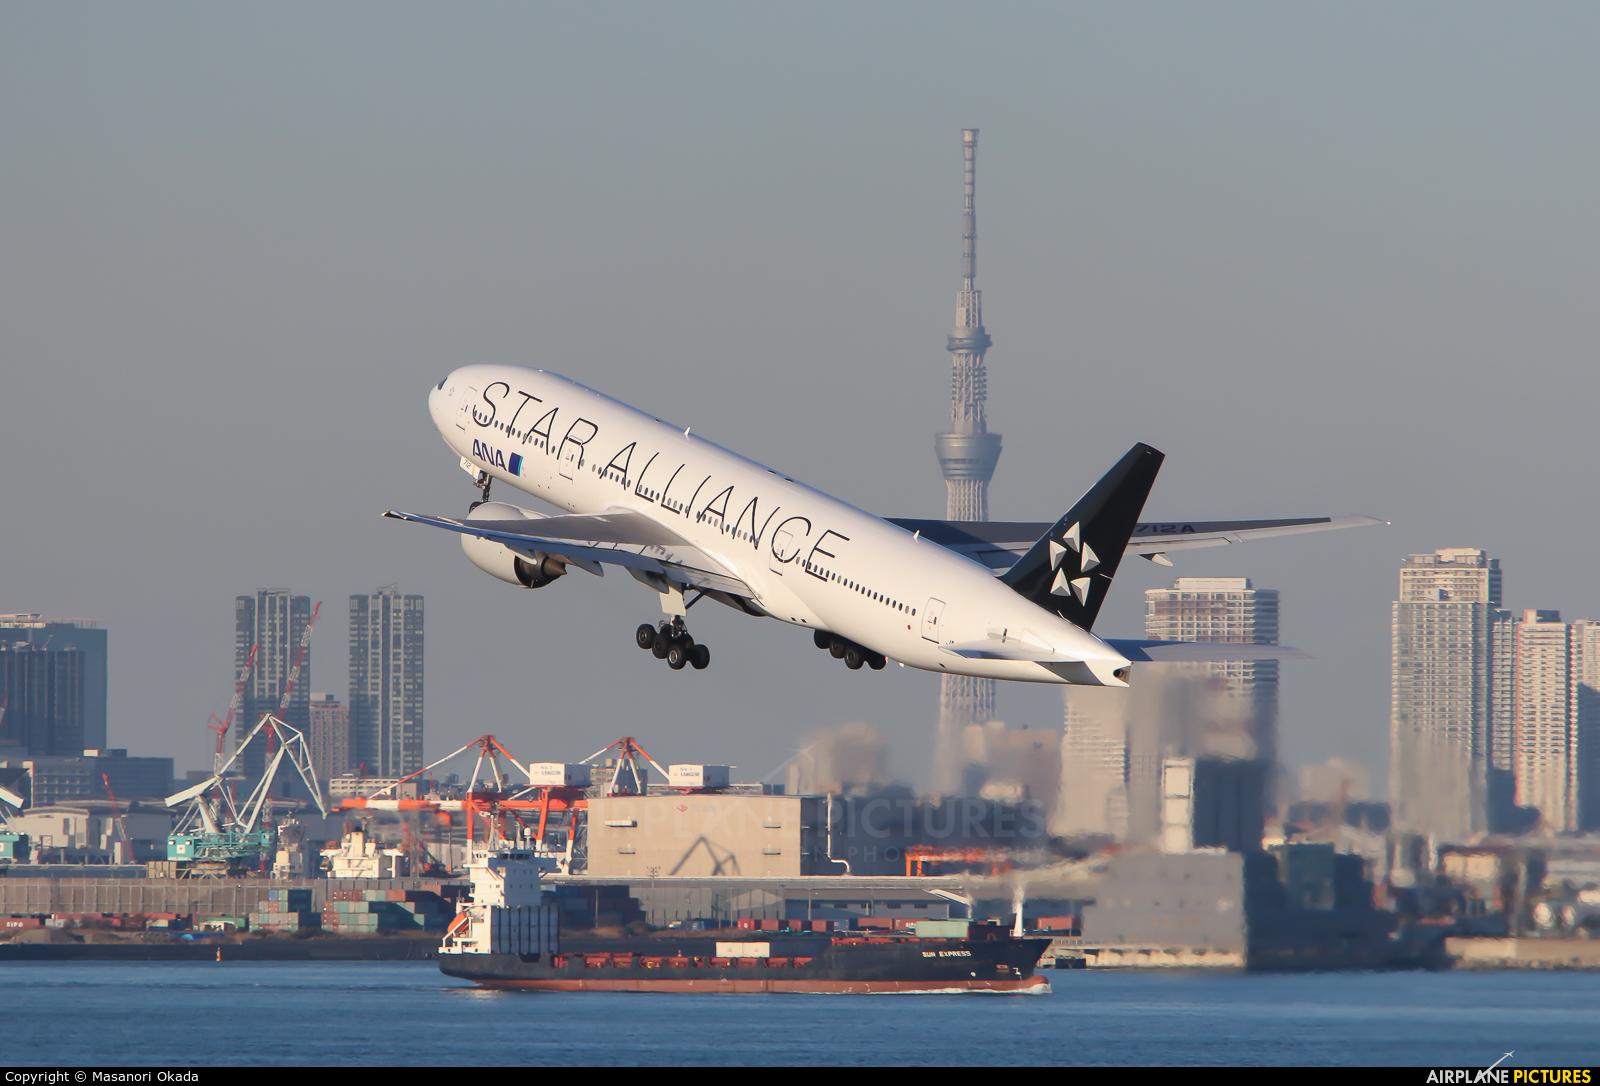 ANA - All Nippon Airways JA712A aircraft at Tokyo - Haneda Intl